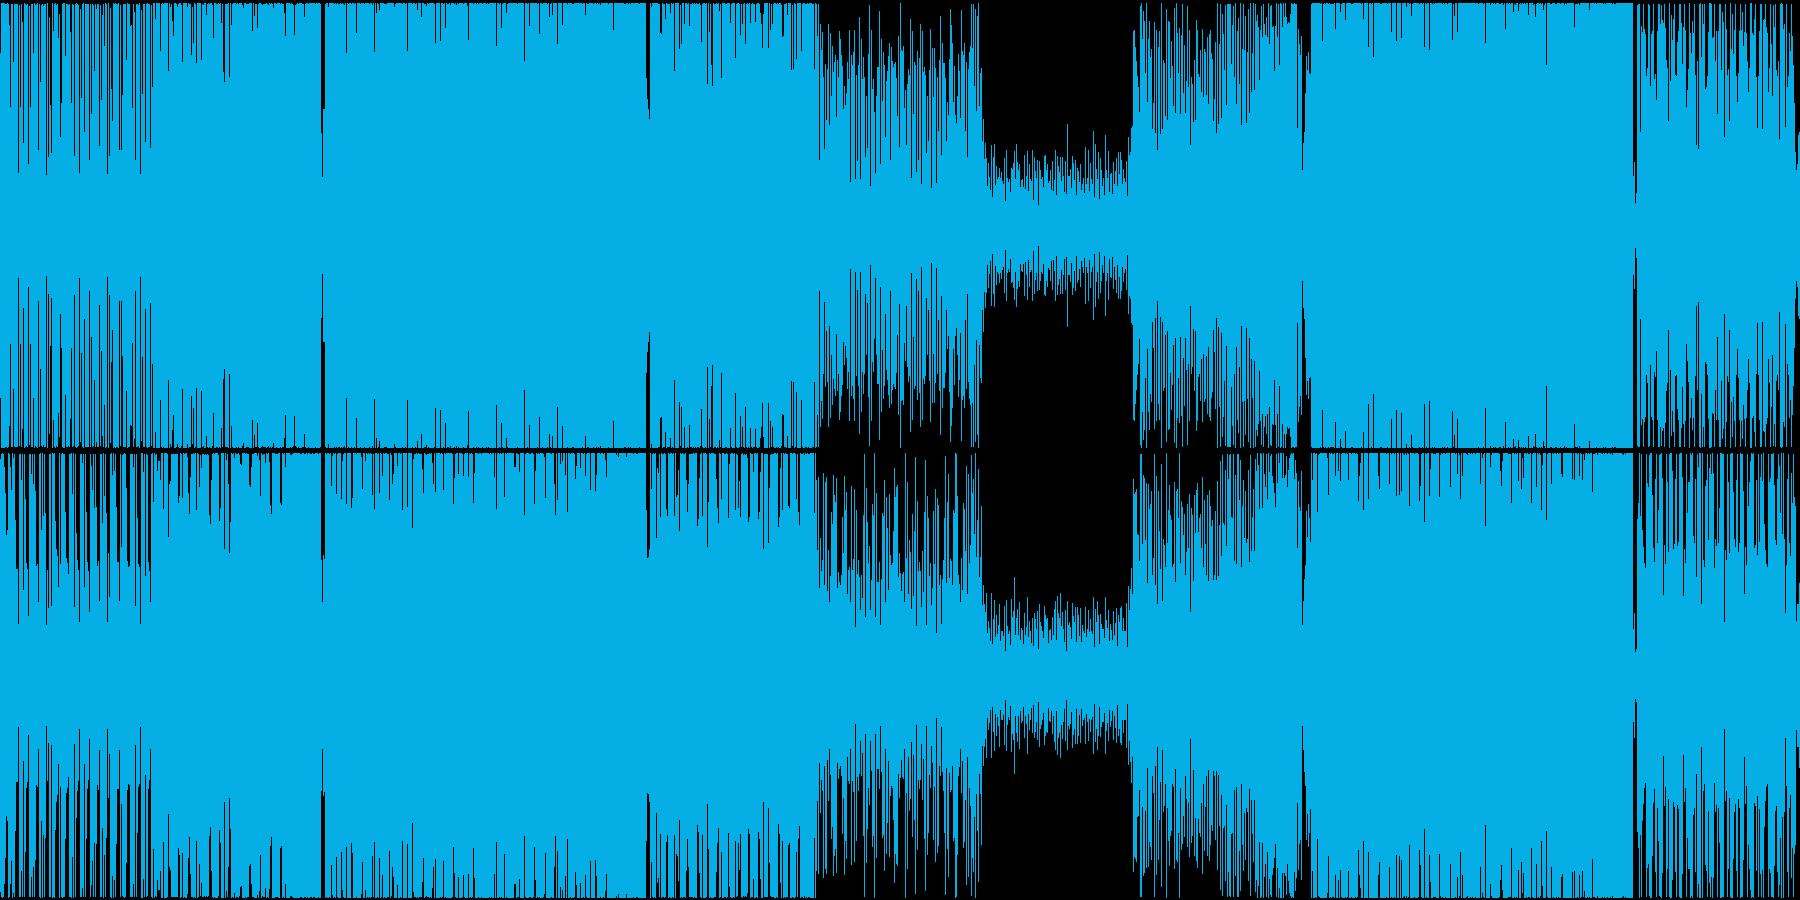 テクノ ハード スピード感 トランスの再生済みの波形